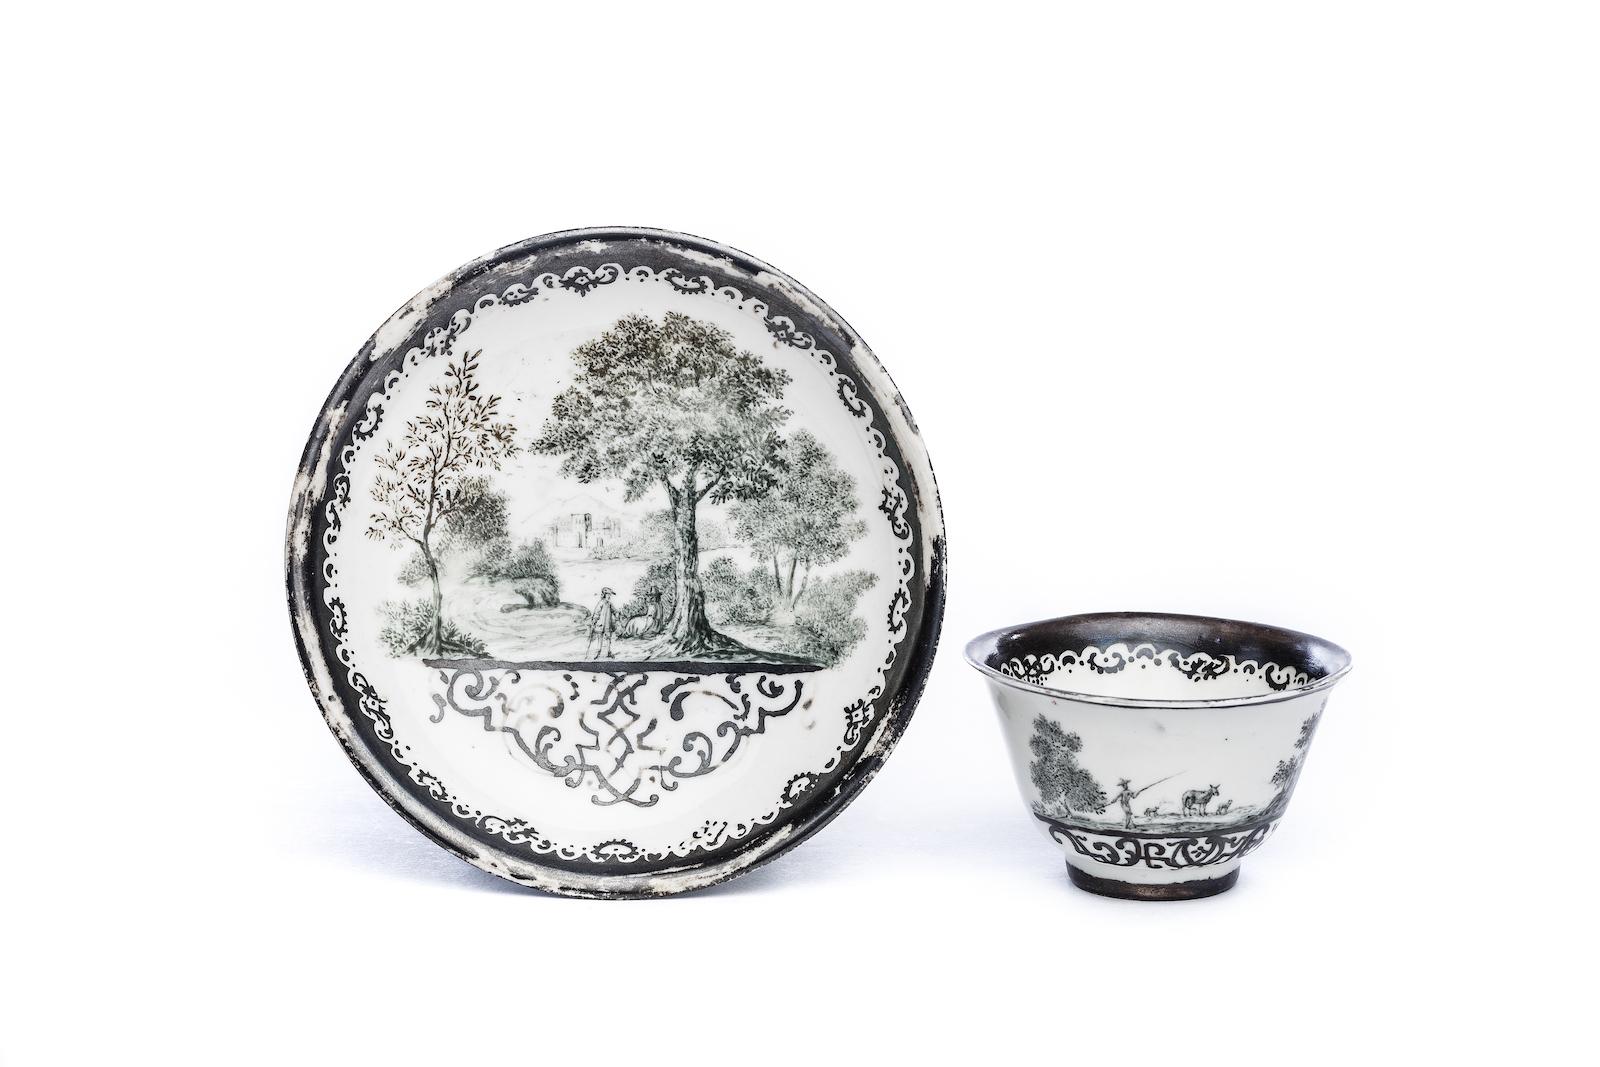 #195 Koppchen mit Unterschale, Meissen 1725 | Bowl with saucer, Meissen 1725 Image